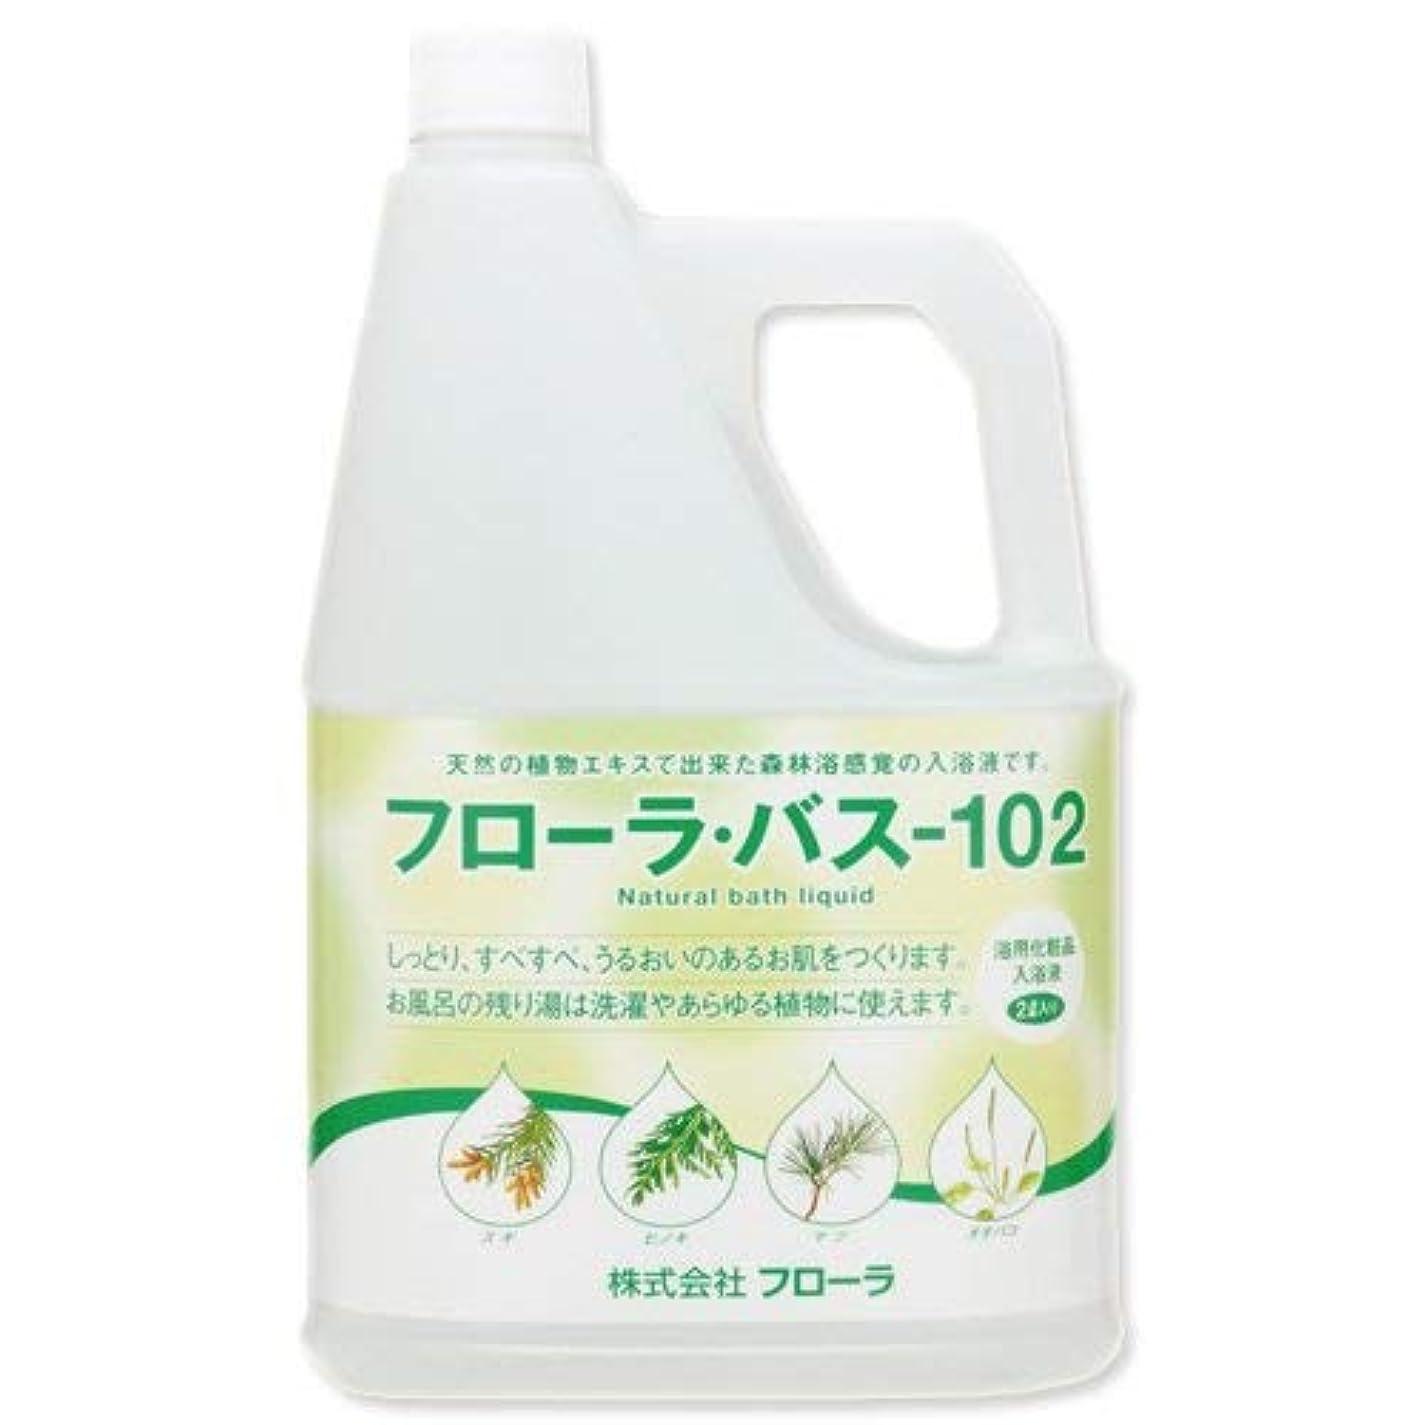 アコード避けられない統合浴用化粧品 入浴液 フローラ?バス-102  2L